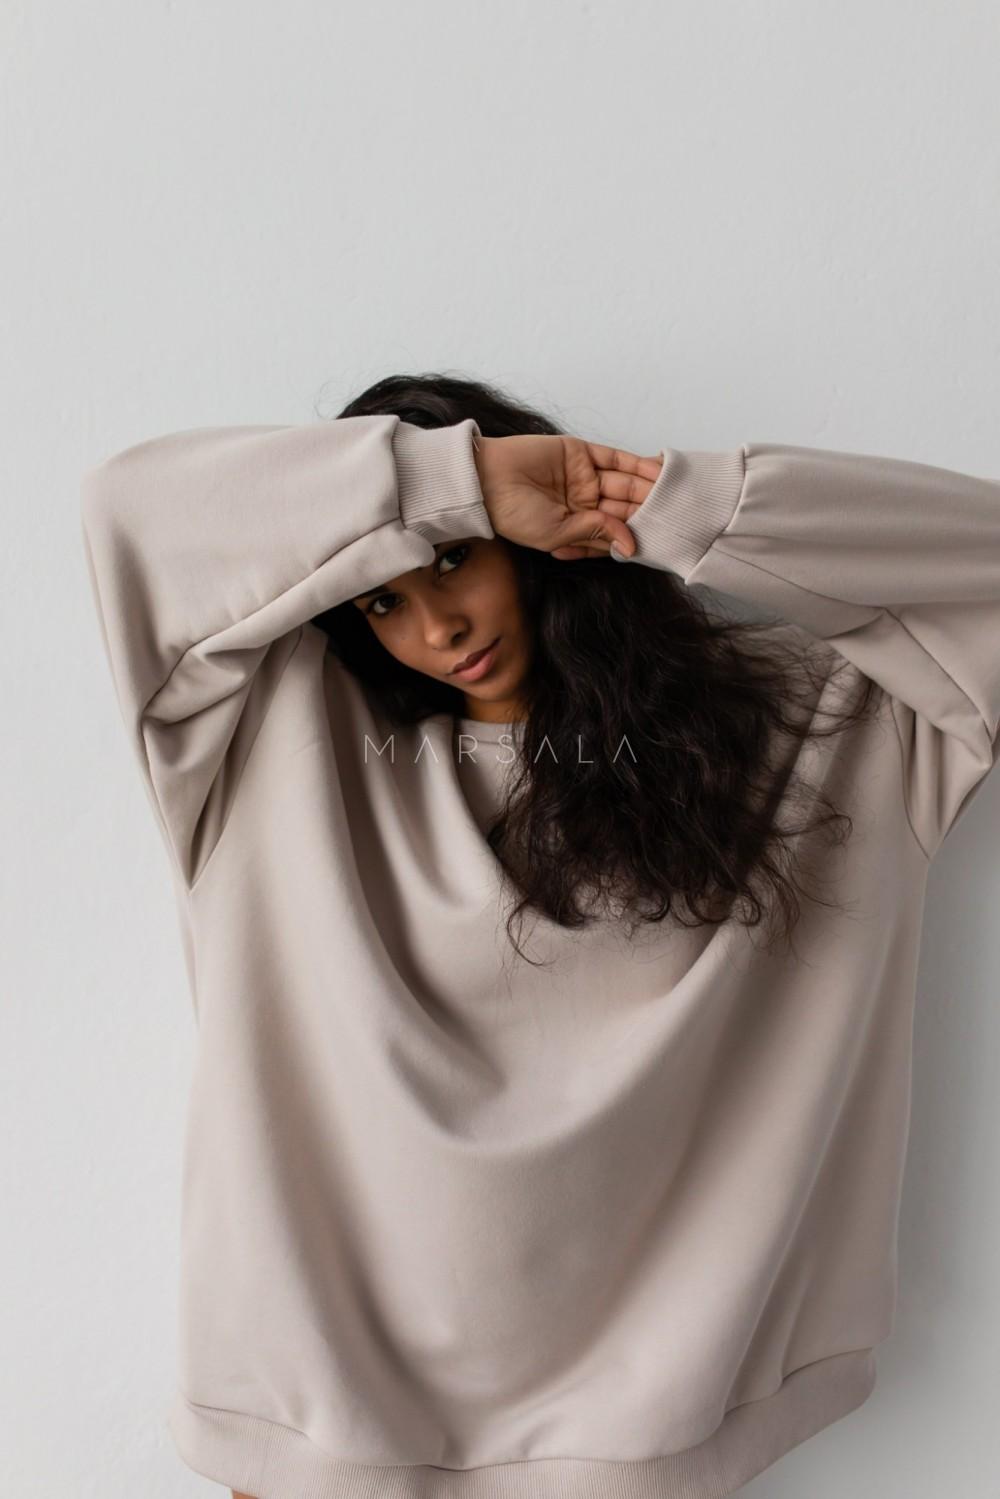 Bluza typu oversize o przedłużonym kroju kolor COCONUT MILK HUSH BY MARSALA